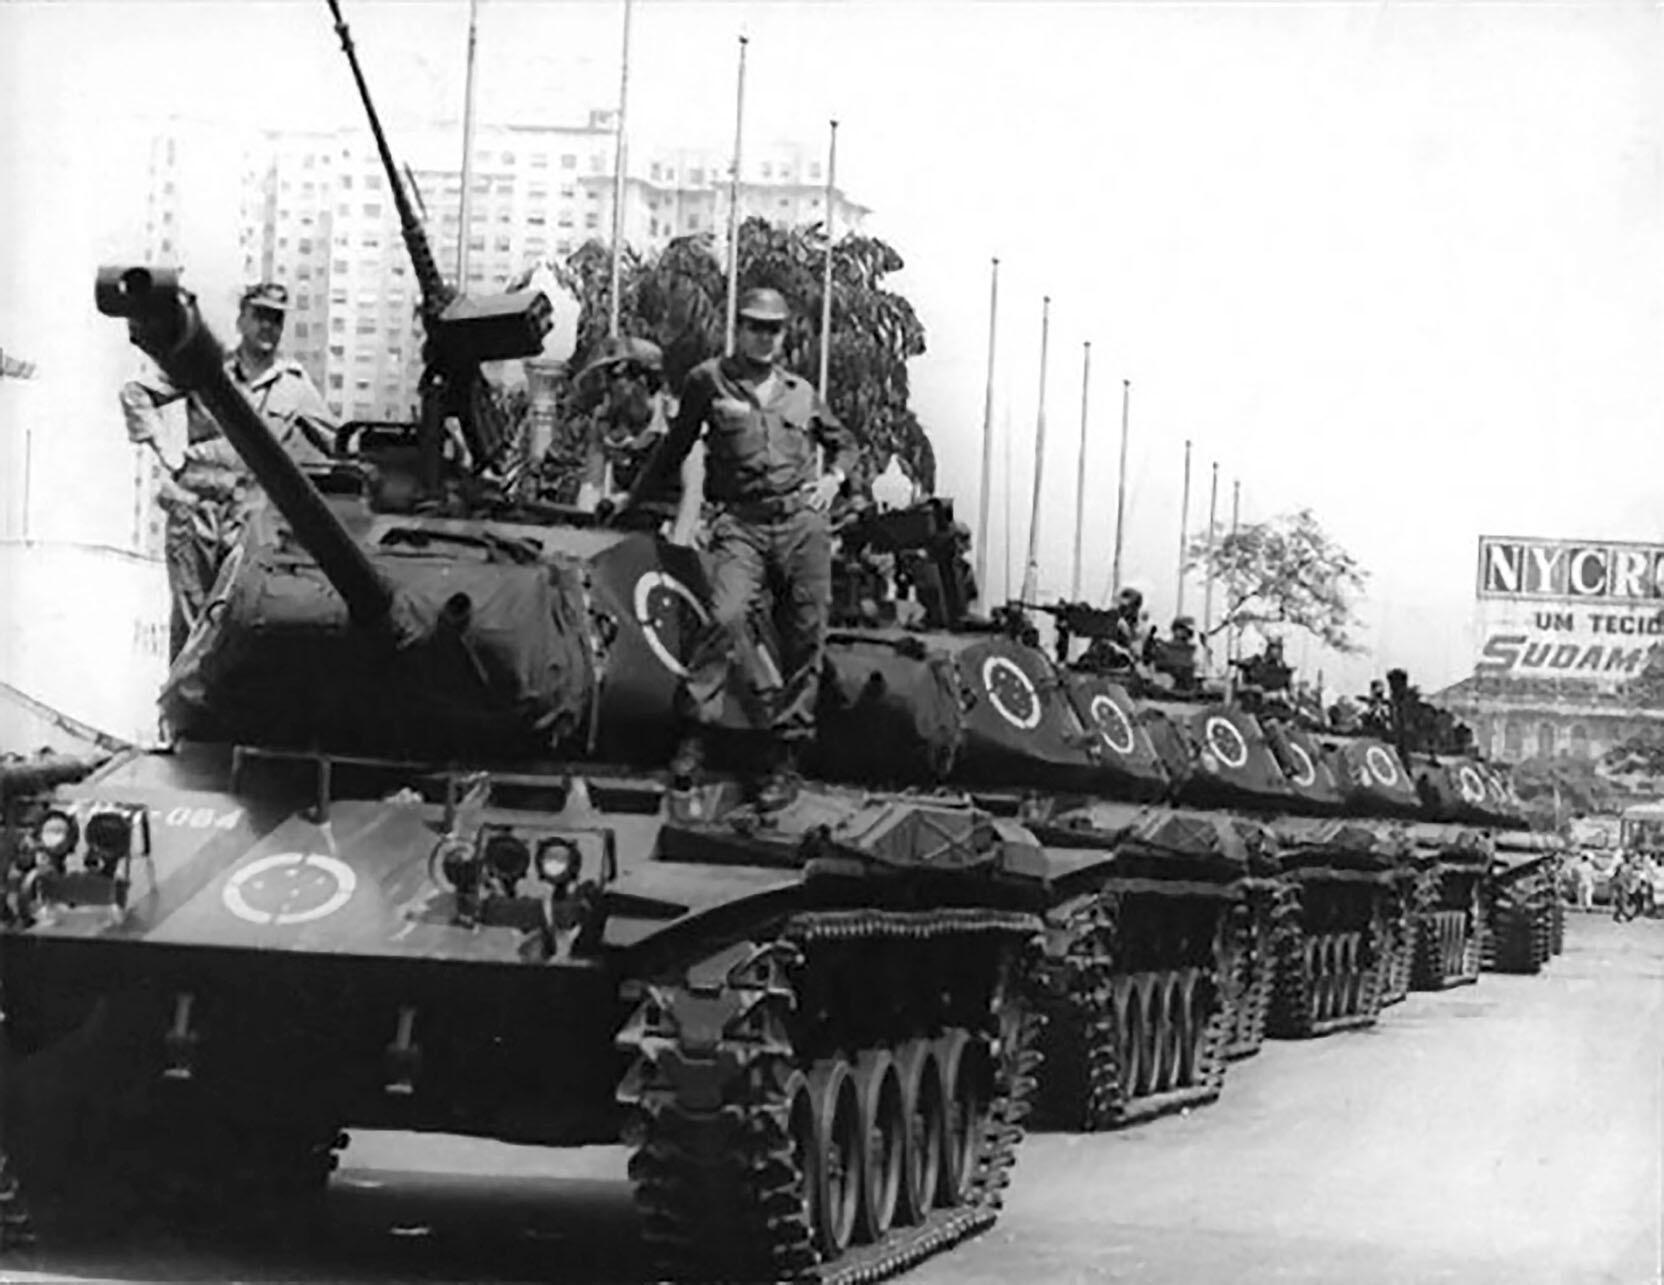 Tanks occupy Avenida Presidente Vargas in Rio de Janeiro in 1968. (Photo courtesy of Correio da Manhã.)